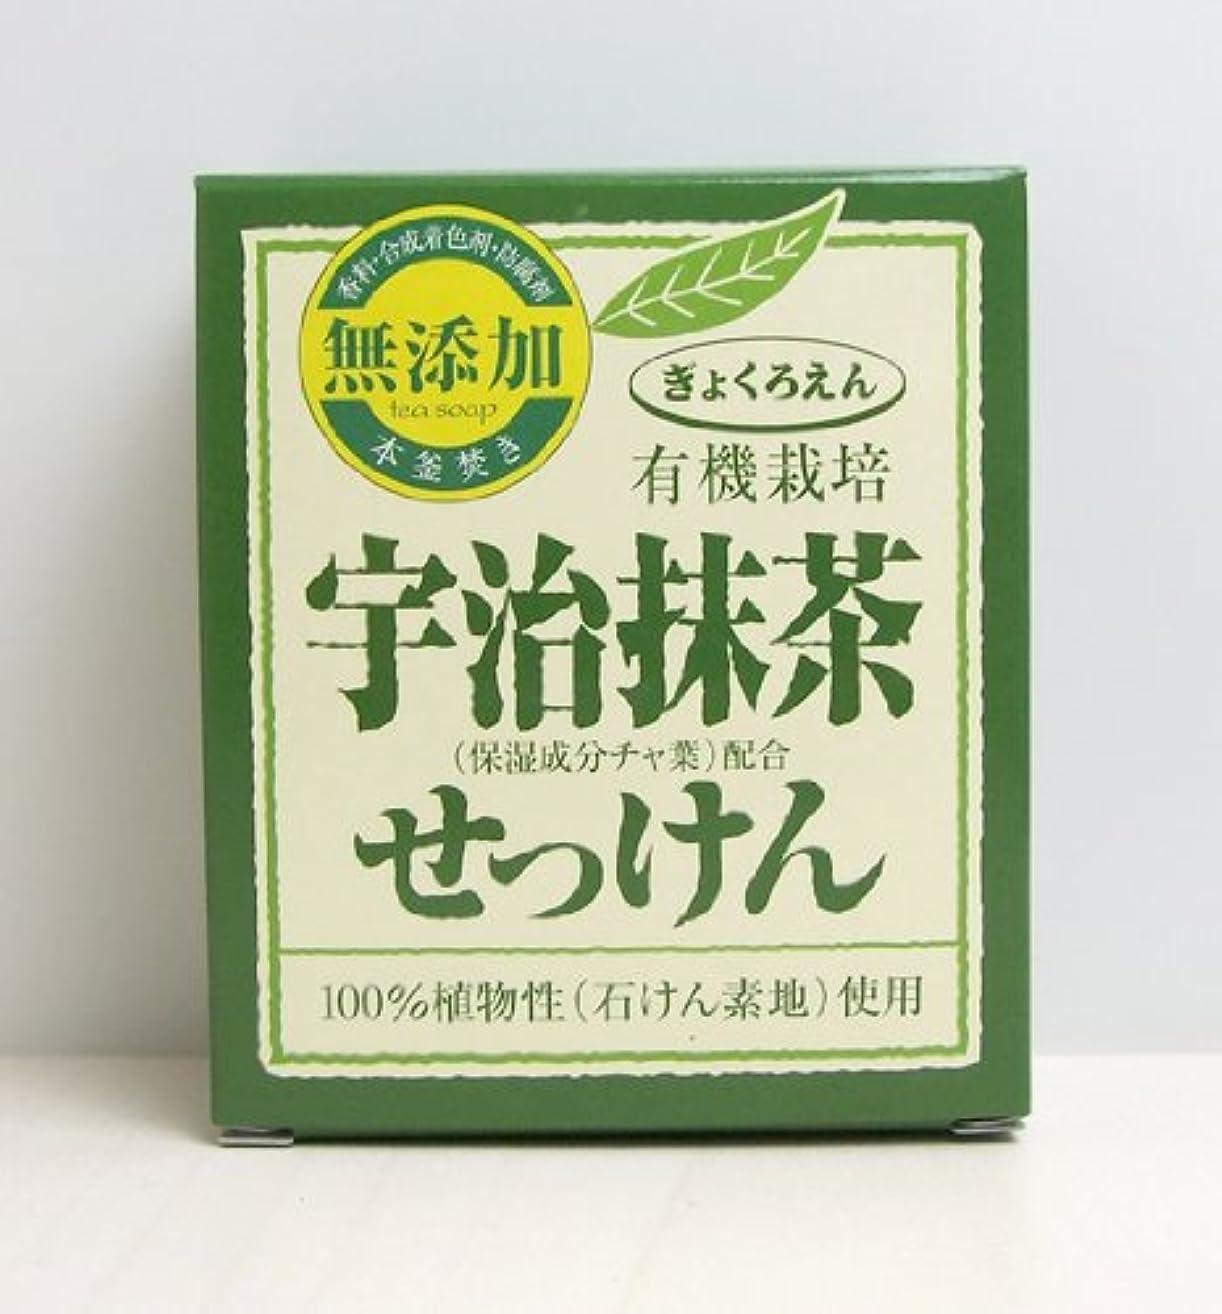 比べる調停する社会科お茶のせっけん:有機栽培宇治抹茶せっけん